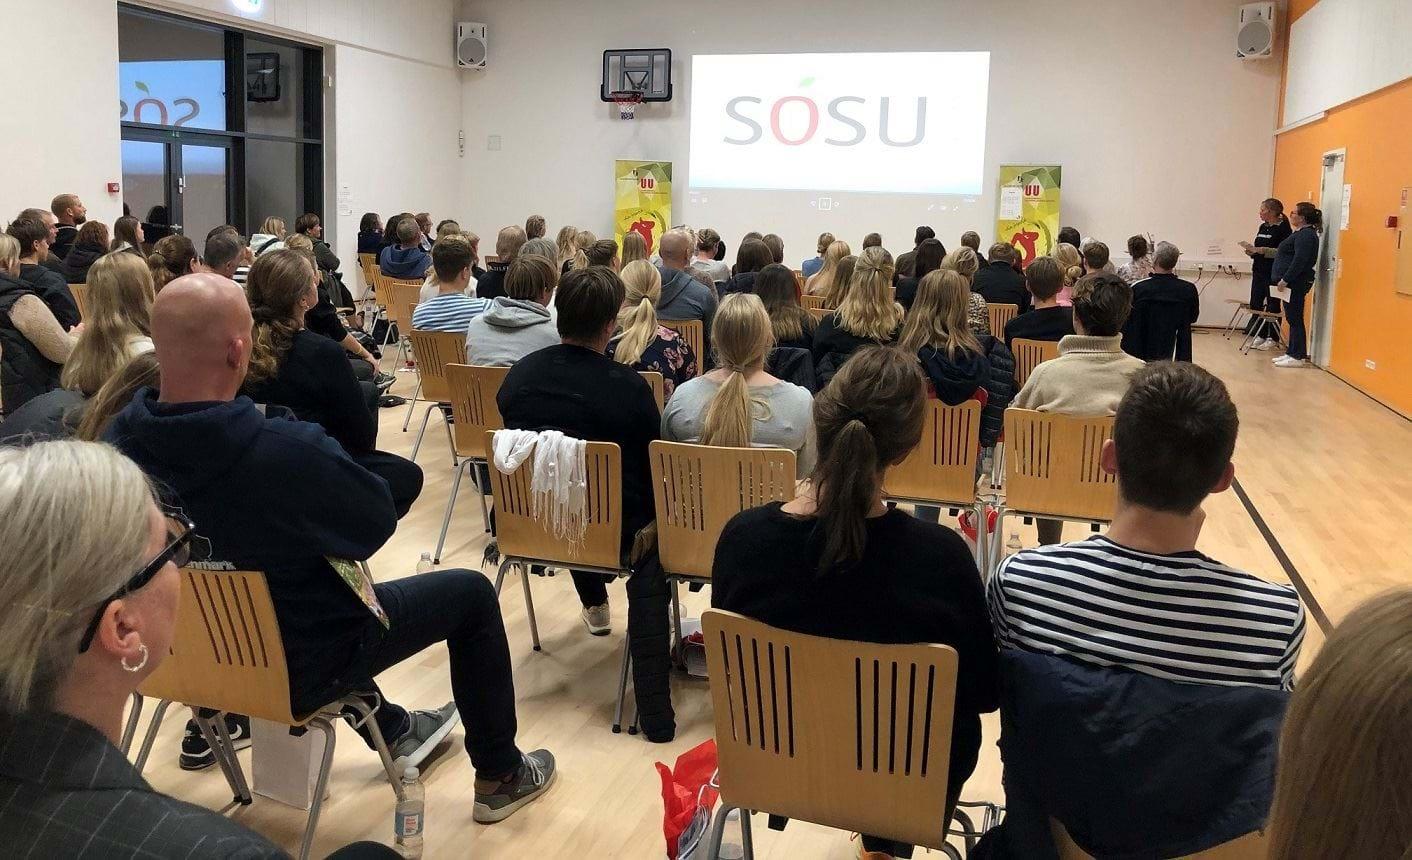 En sal fuld af mennesker der sidder og kigger op på en skærm hvor der står SOSU.